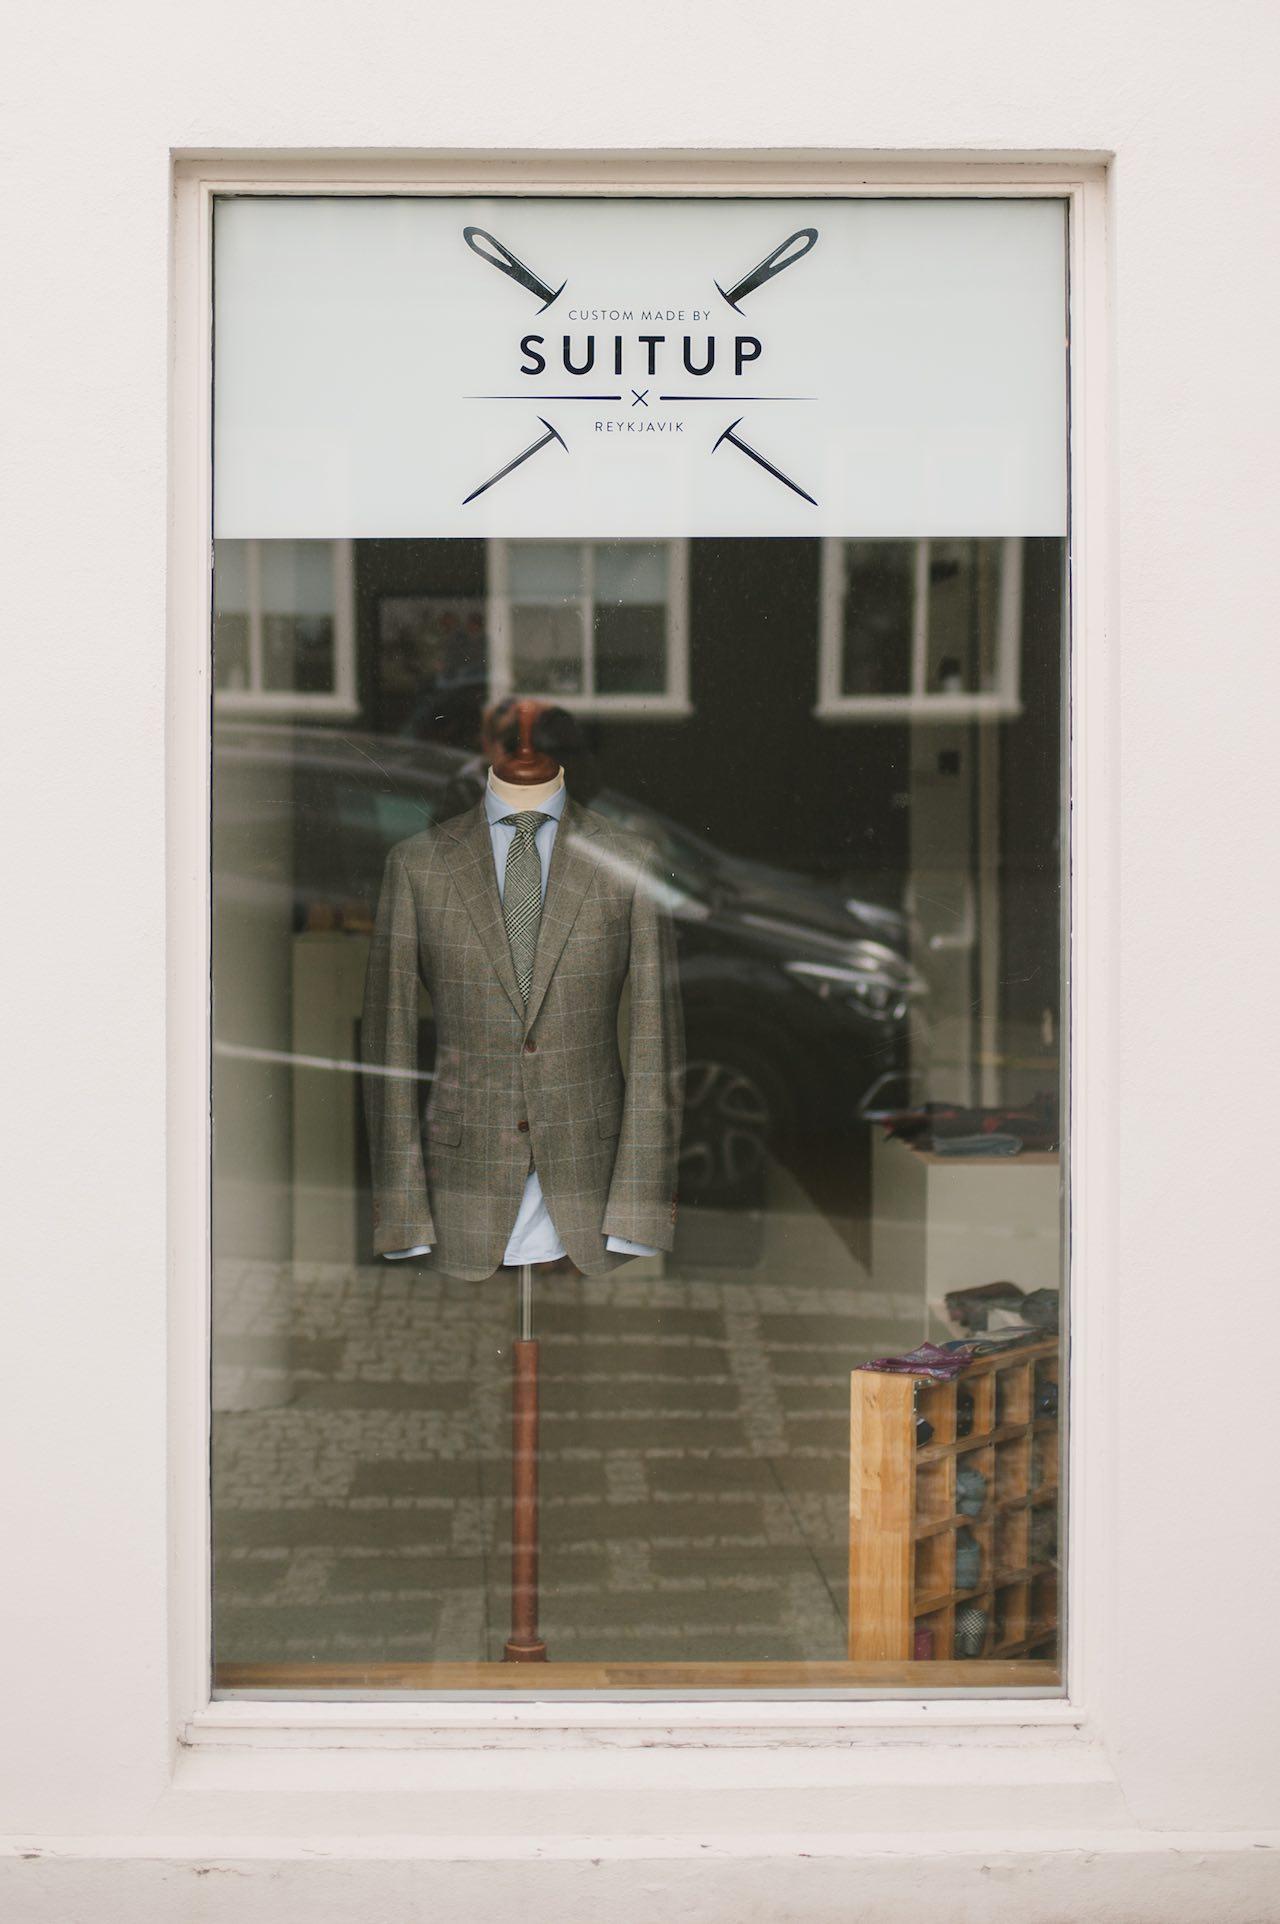 Suit Up Reykjavik Iceland